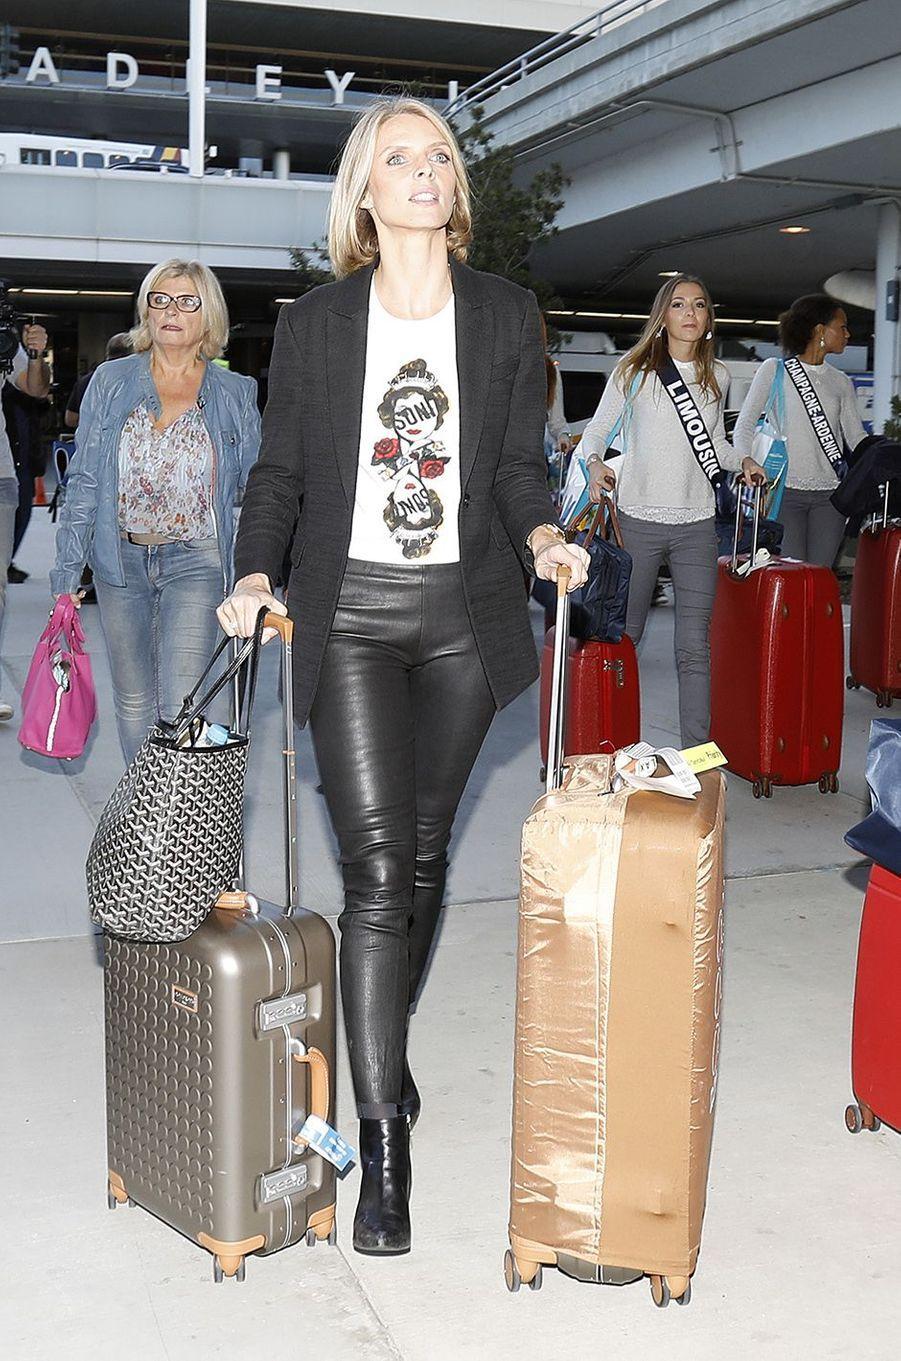 Les Miss et Sylvie Tellier arrivent aux Etats-Unis, le 19 novembre 2017.